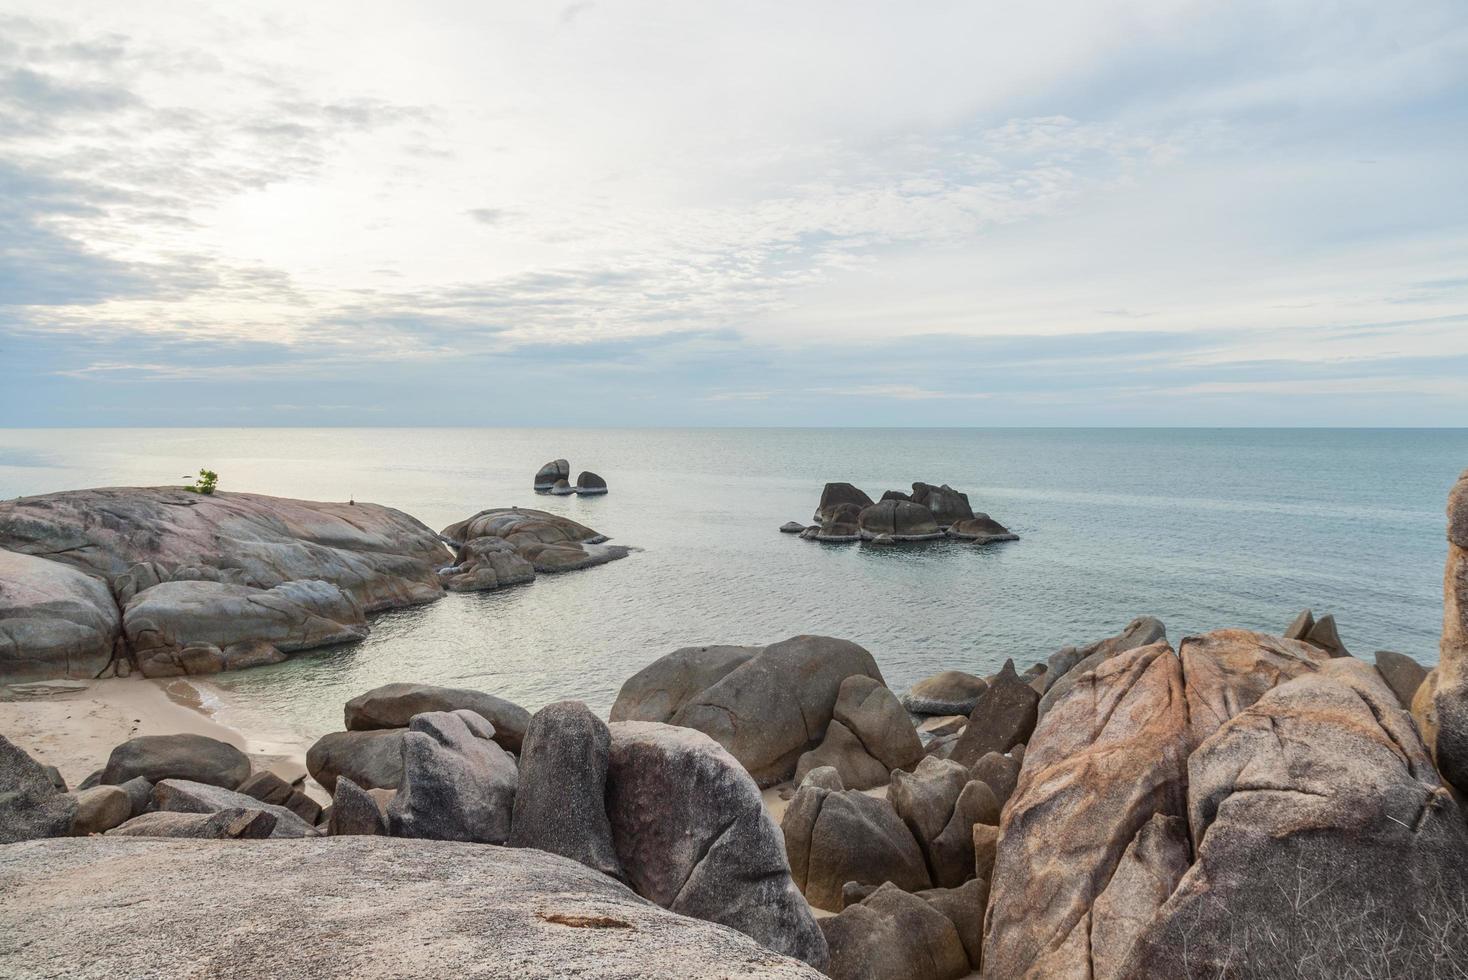 nonno rock a koh samui, thailandia foto